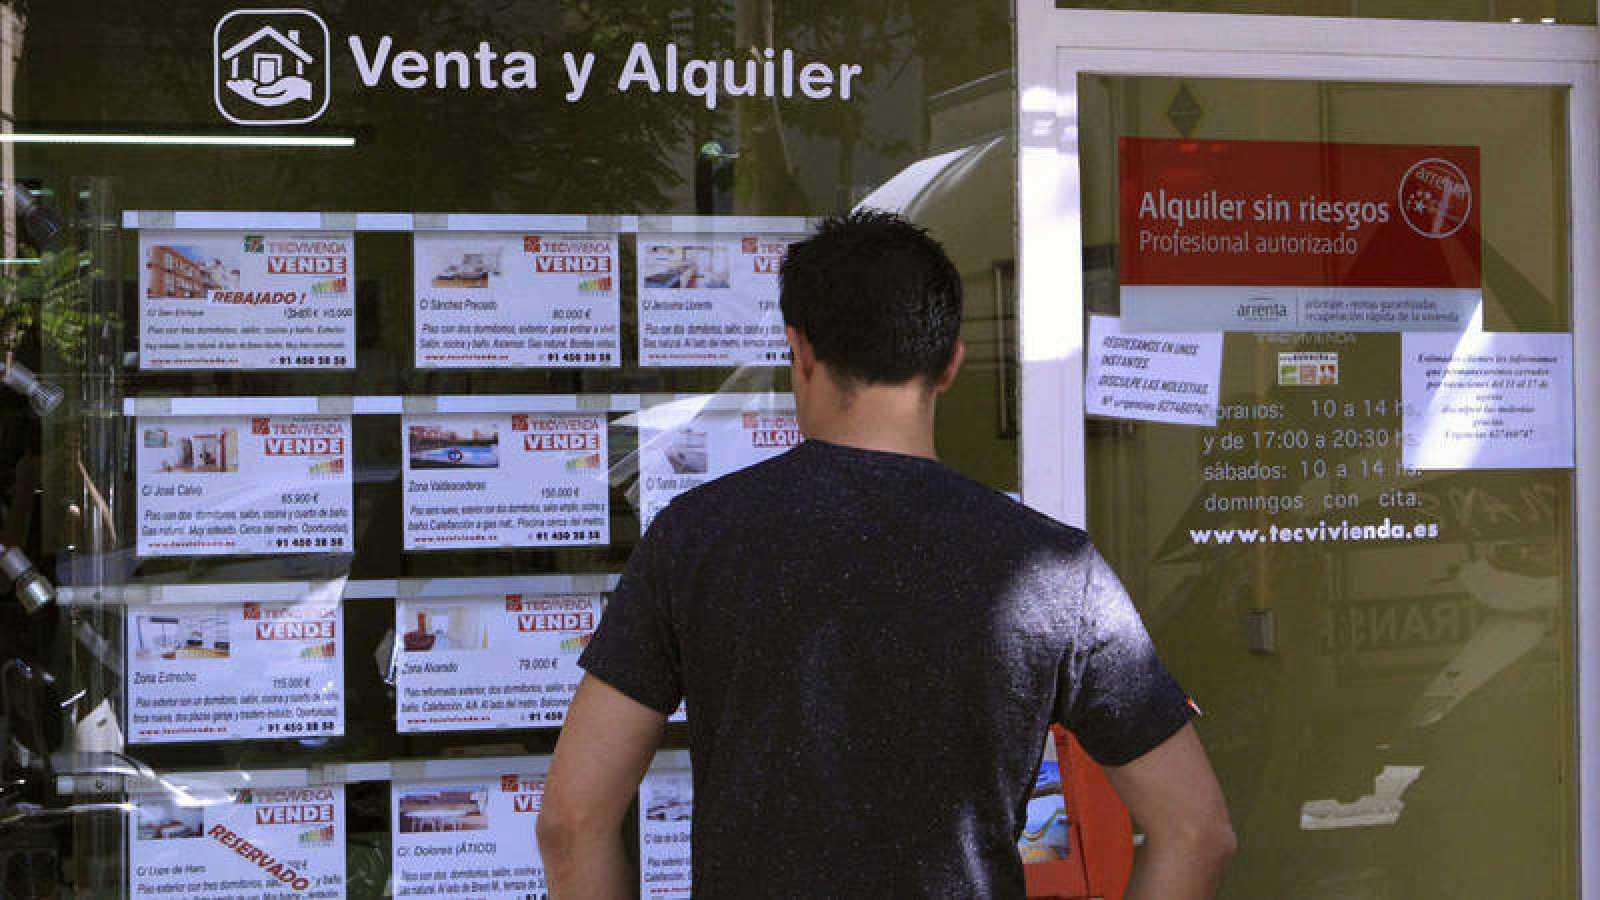 Un hombre mira el escaparate de una inmobiliaria en la que se anuncian pisos en alquiler y venta